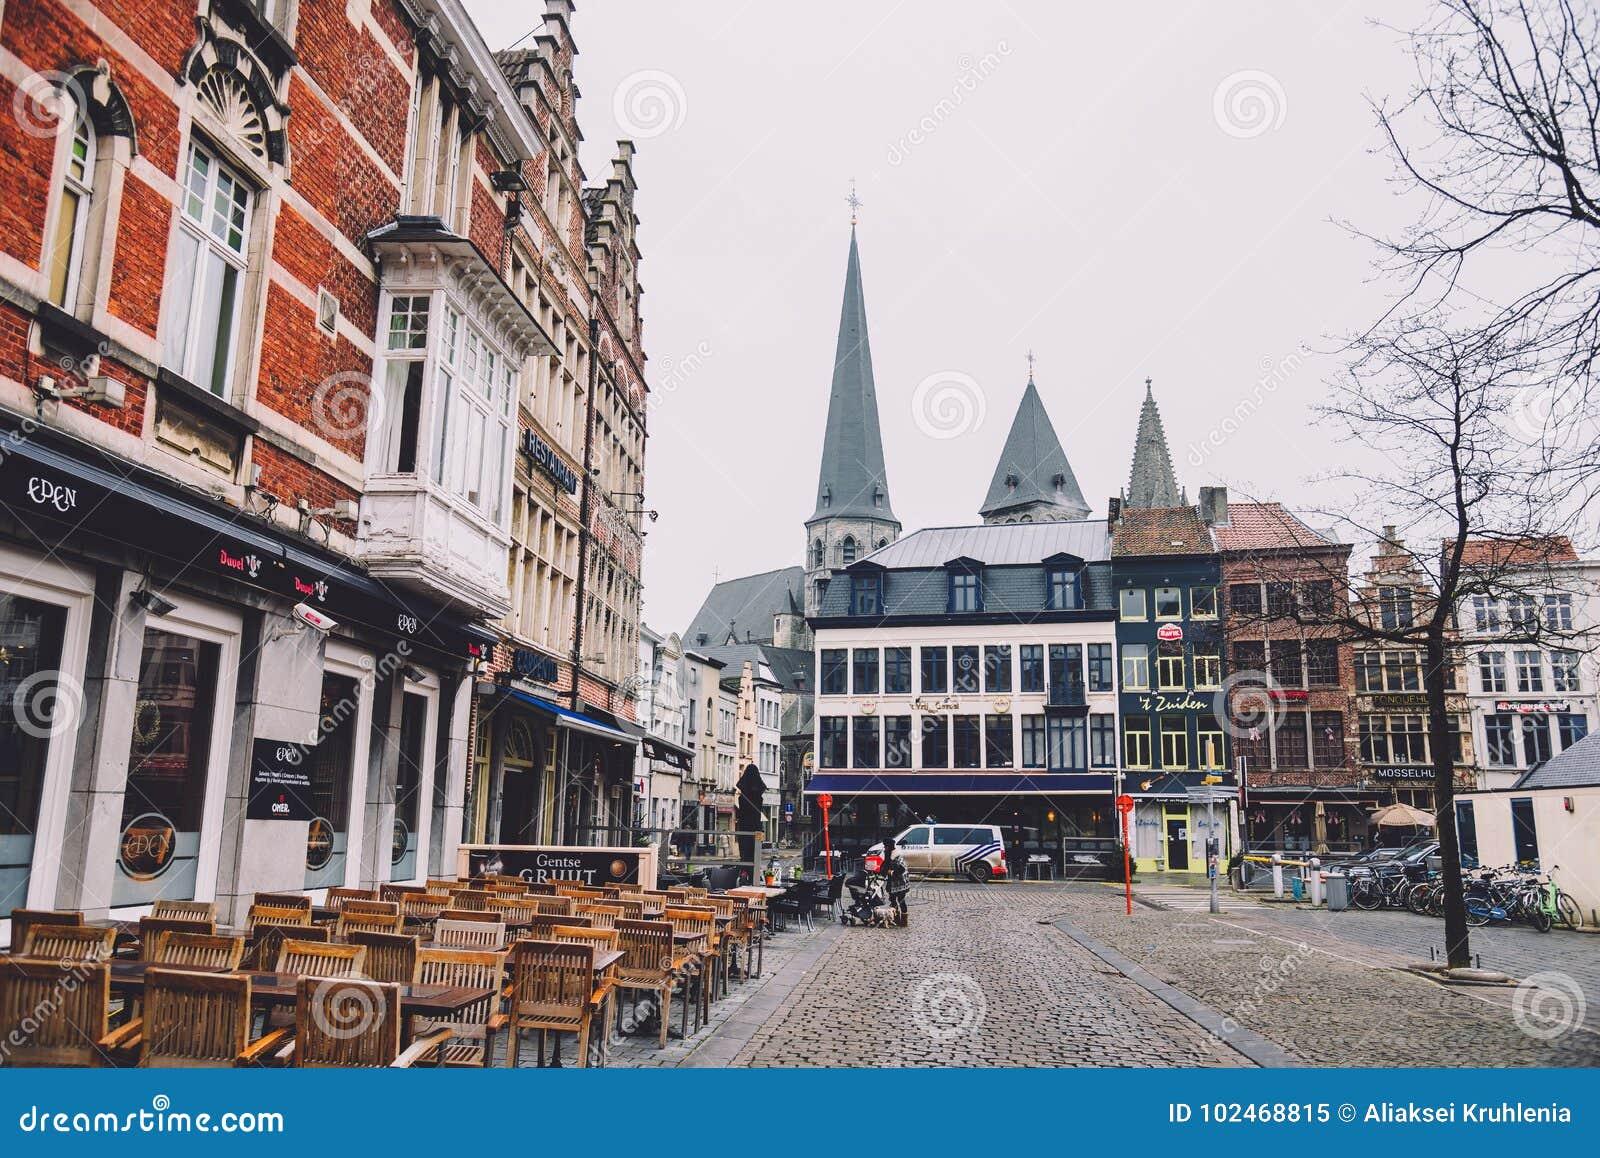 Calles Vacías De Gante En Bélgica Imagen Editorial Imagen De Ciudad Gante 102468815